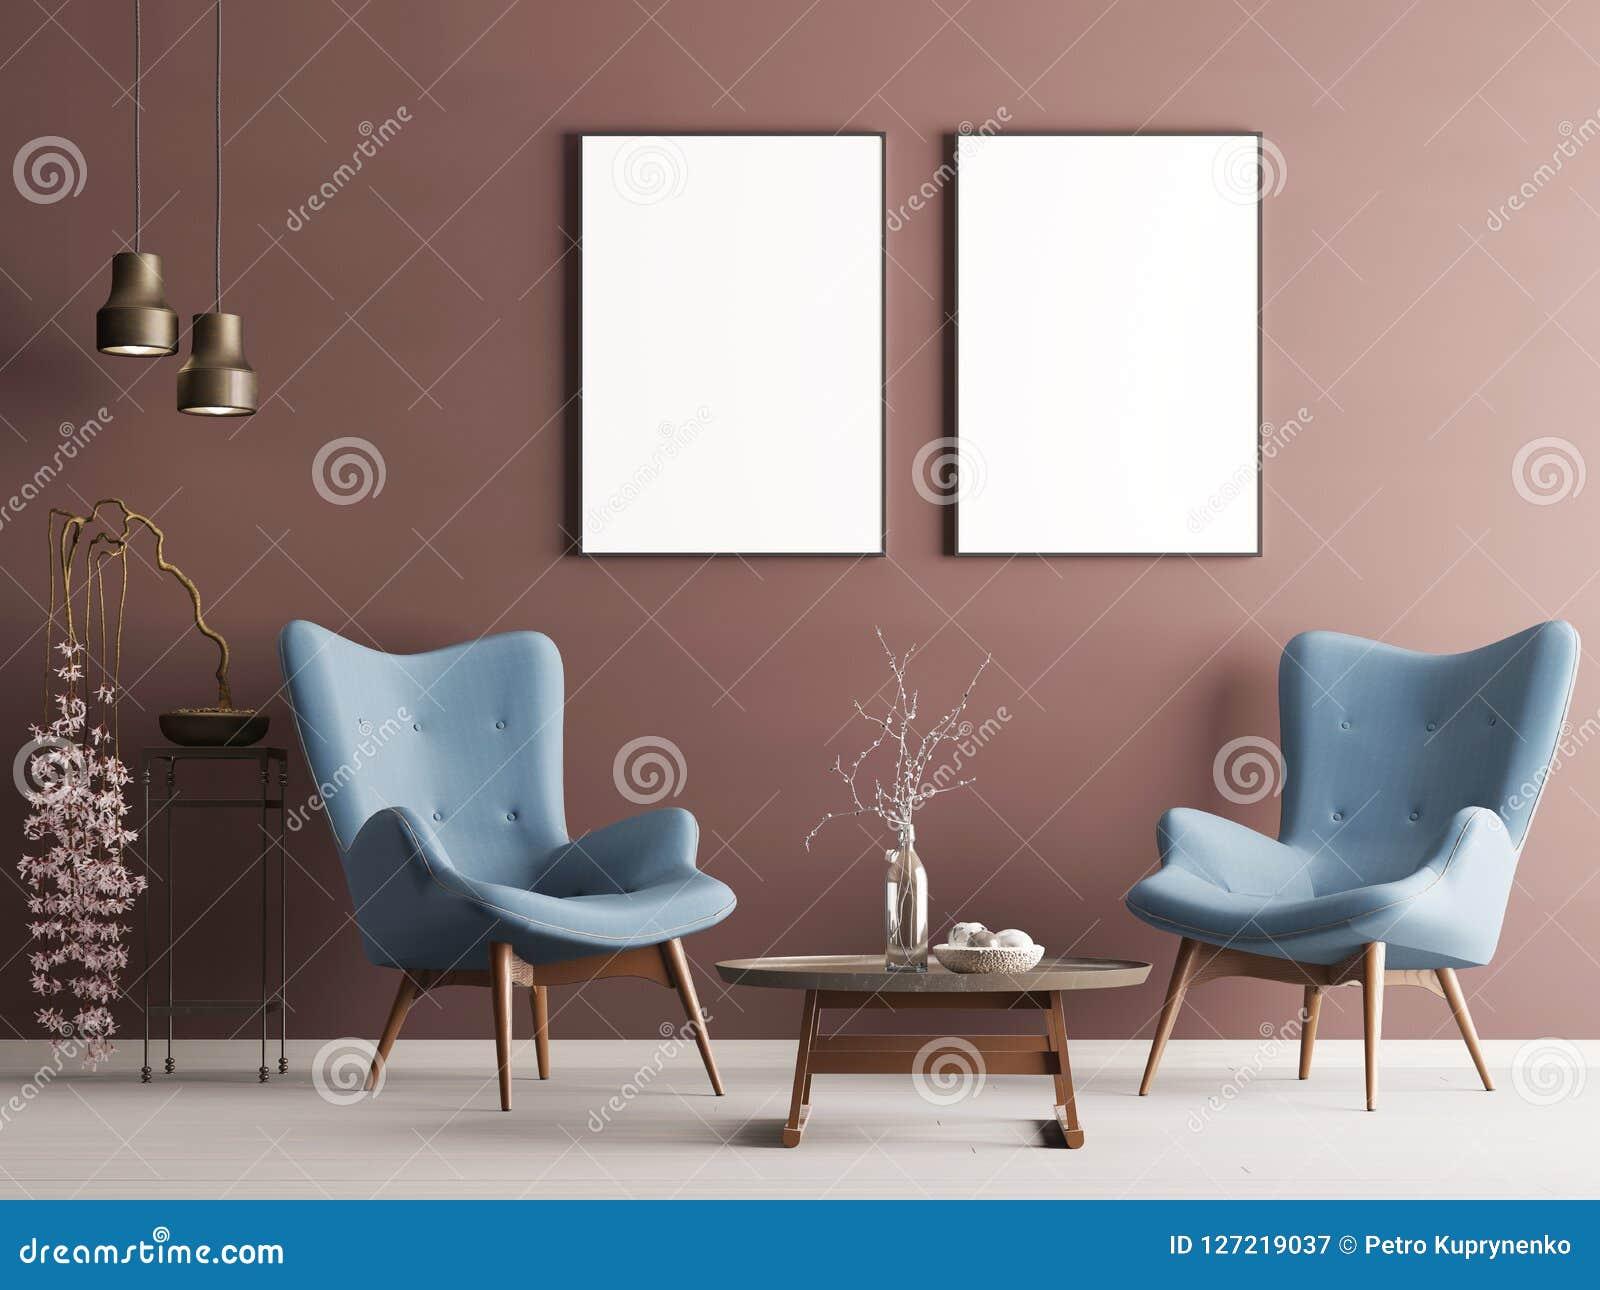 Förlöjliga upp affischen i pastellfärgad modern inre med den burgundy väggen, mjuka fåtöljer, växten och lampor